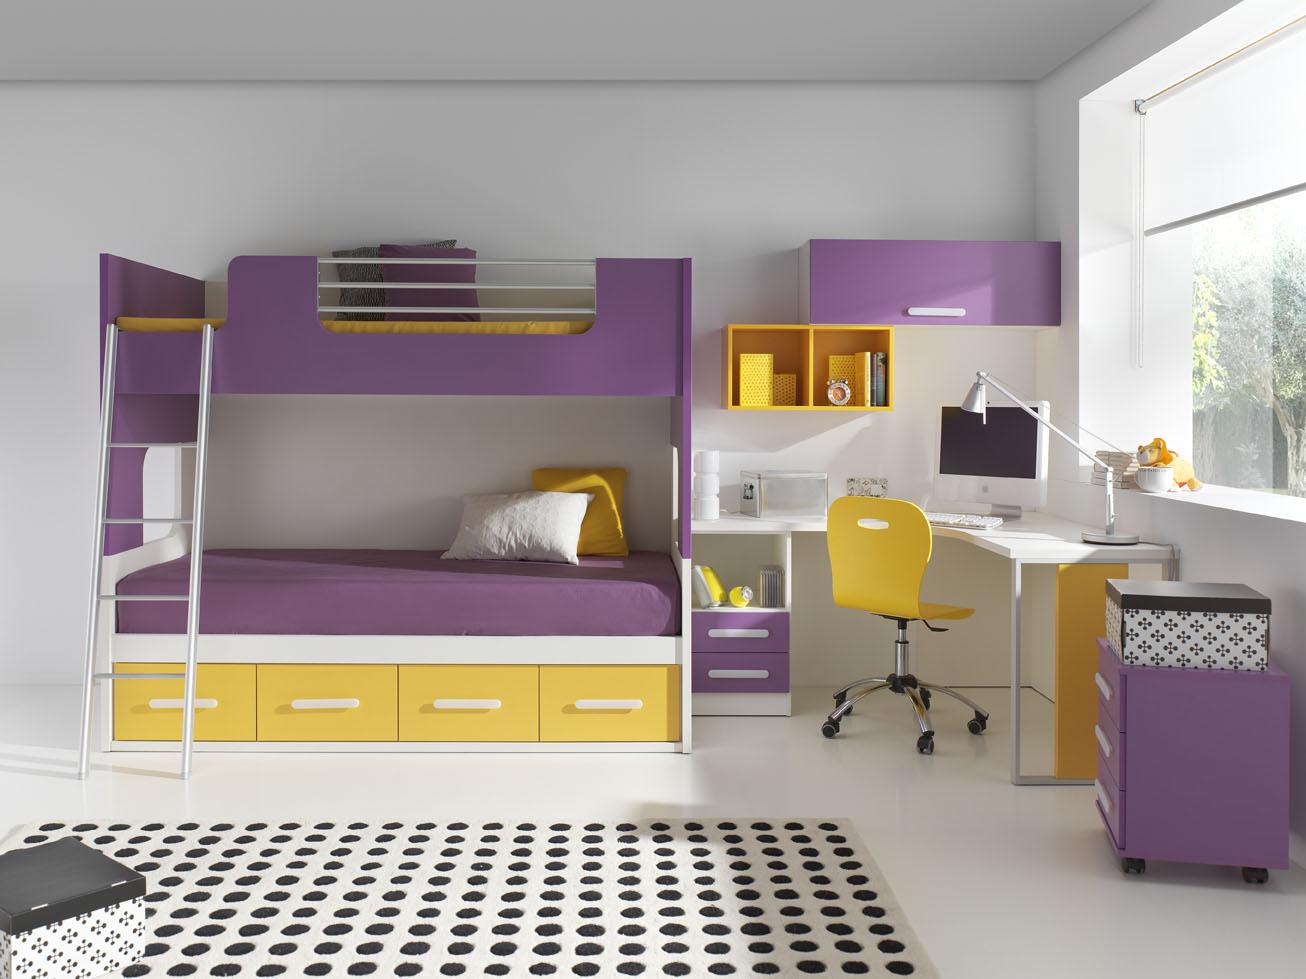 C mo aprovechamos el espacio muebles orts blog - Dormitorios con literas para ninos ...